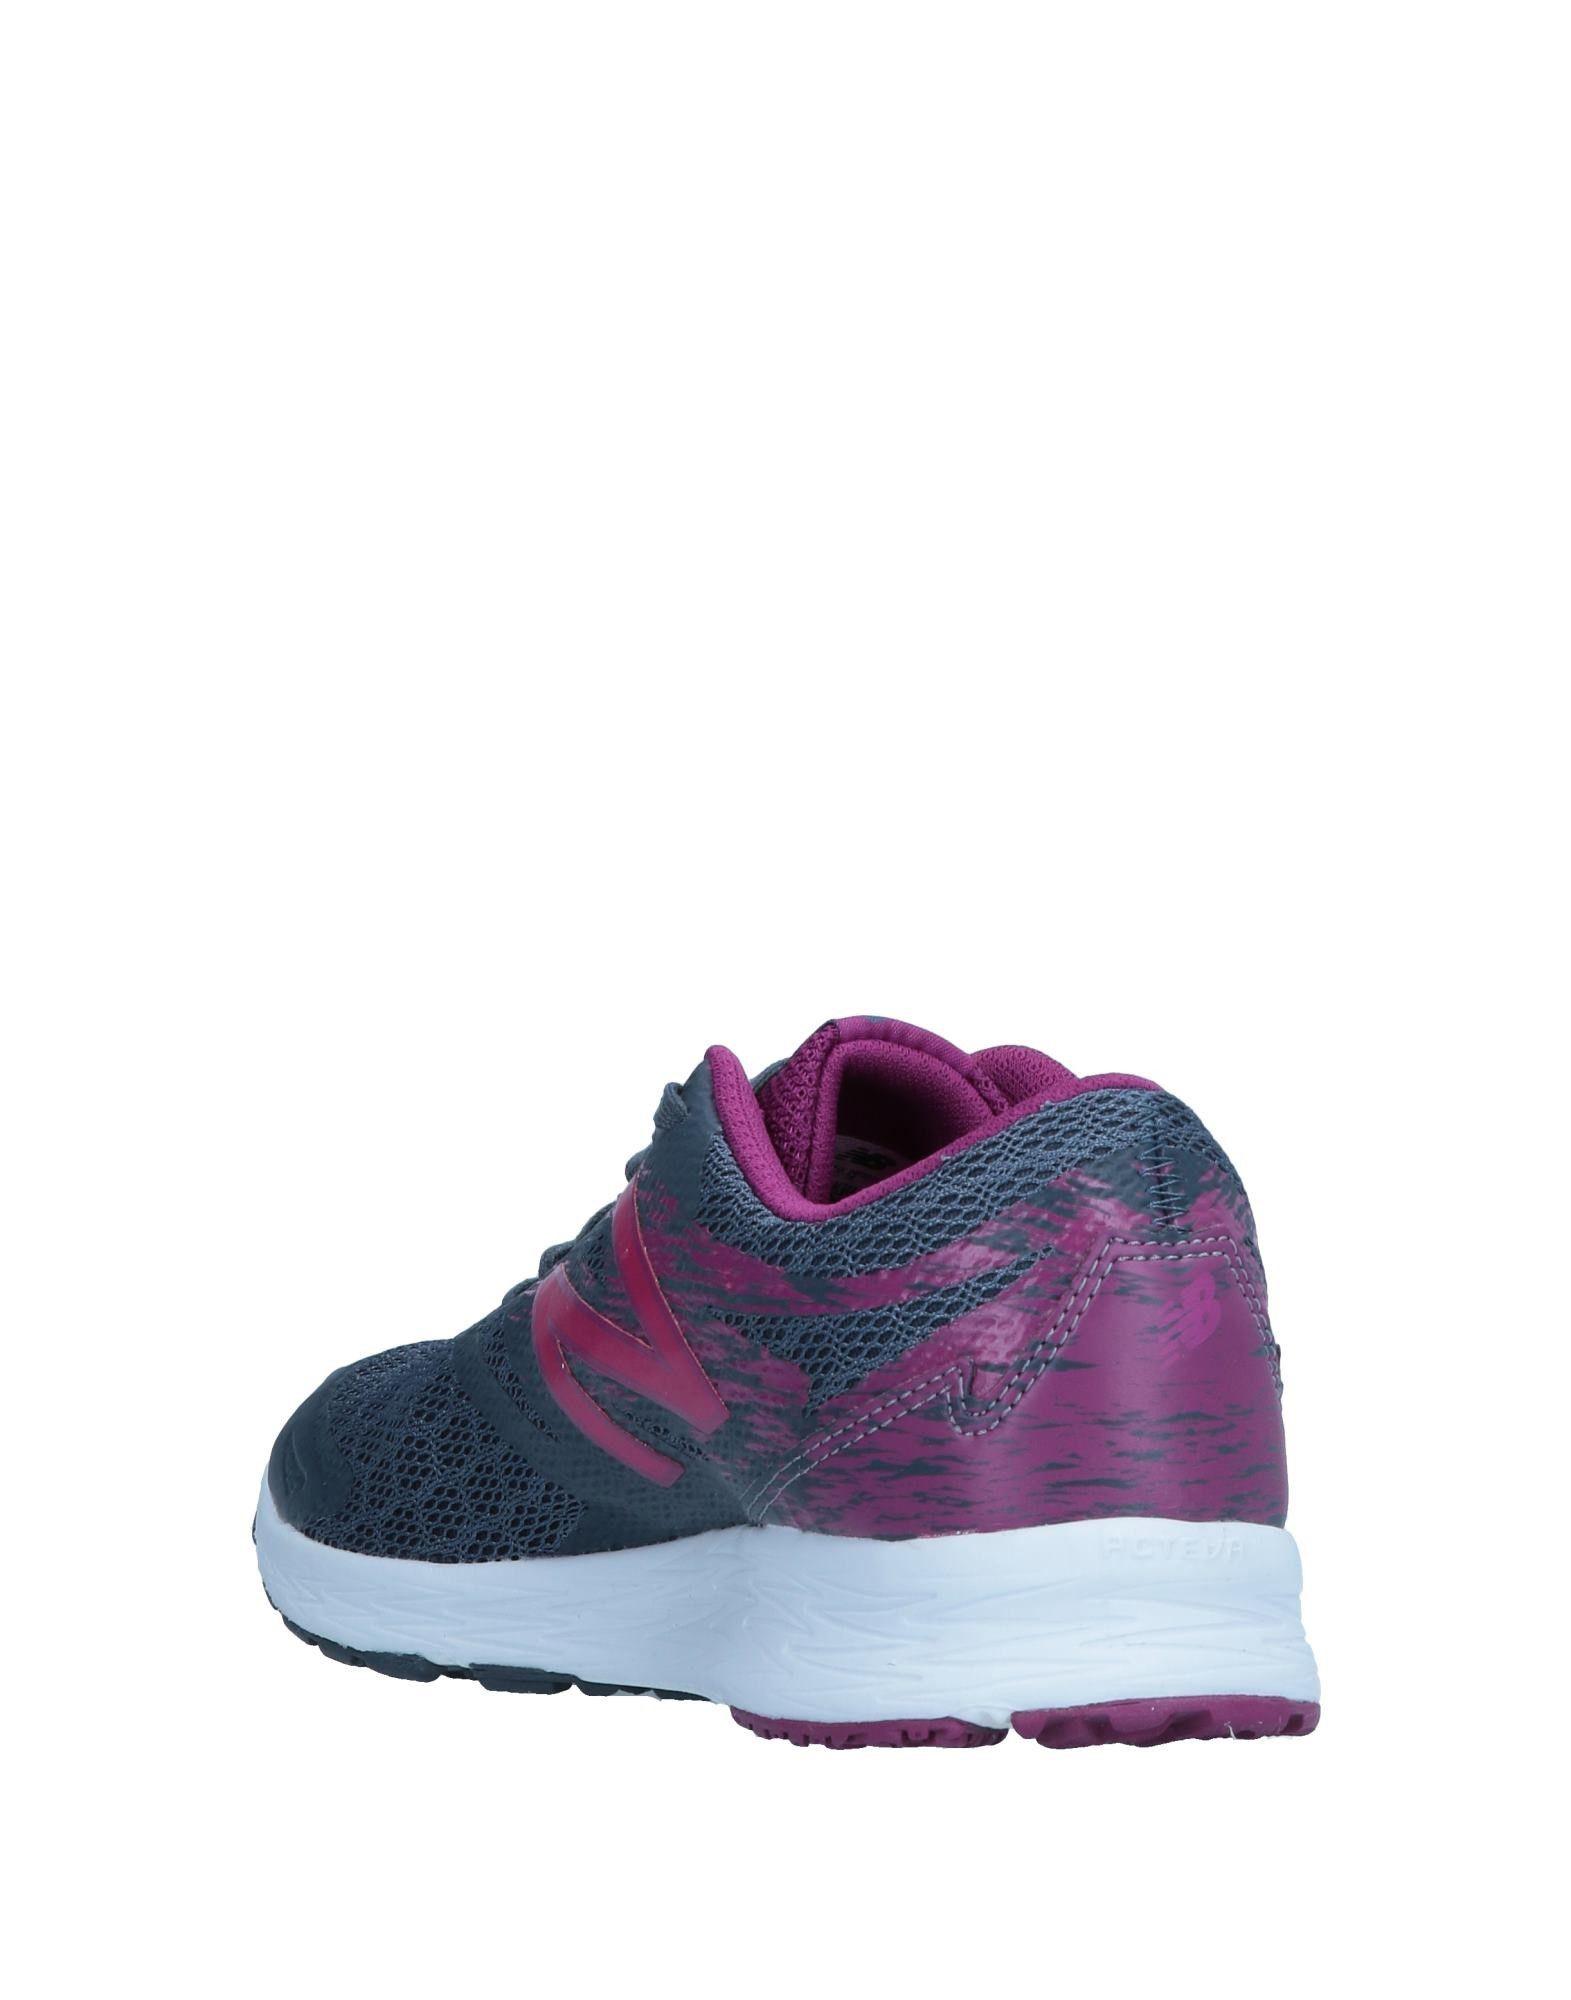 New 11545944MU Balance Sneakers Damen  11545944MU New Gute Qualität beliebte Schuhe 955c72